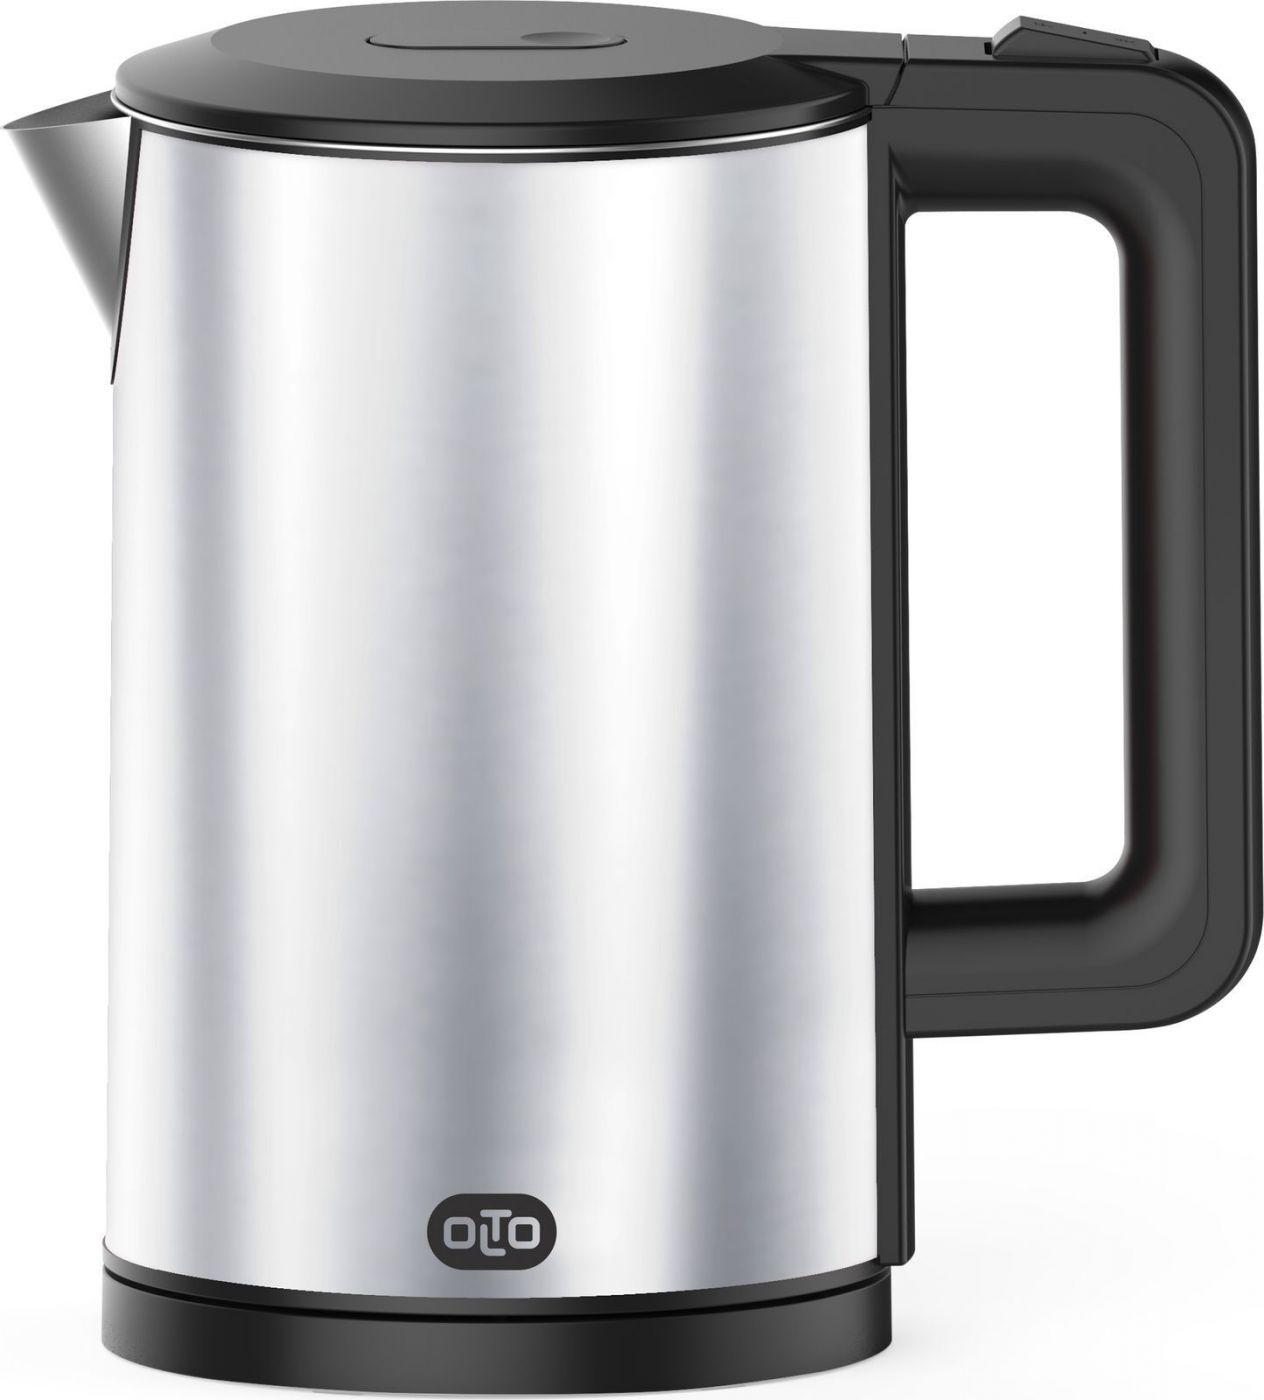 Чайник OLTO KE-1722 серебристый